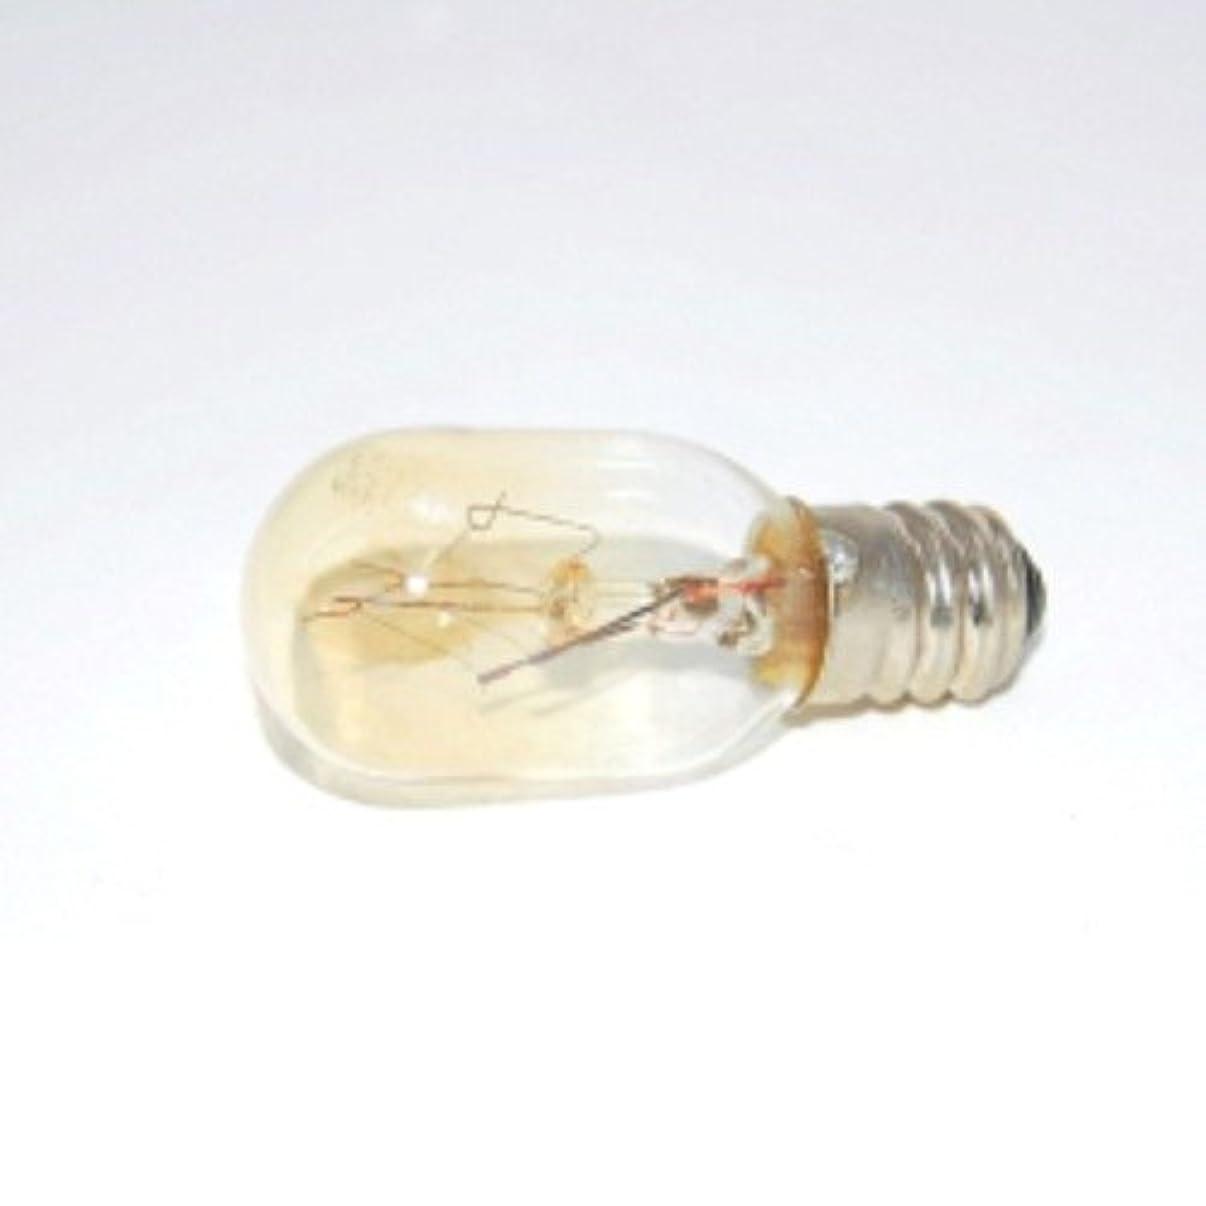 宿る荷物受けるアロマライト 替用 15W電球 クリア 1個